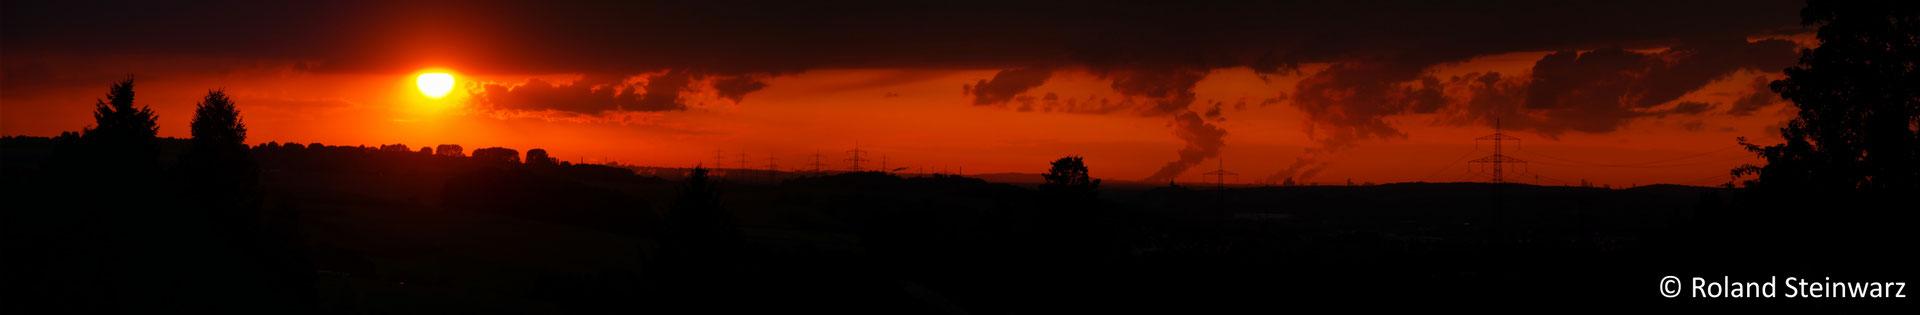 Sonnenuntergang bei Hennef-Lichtenberg, 5 Einzelfotos